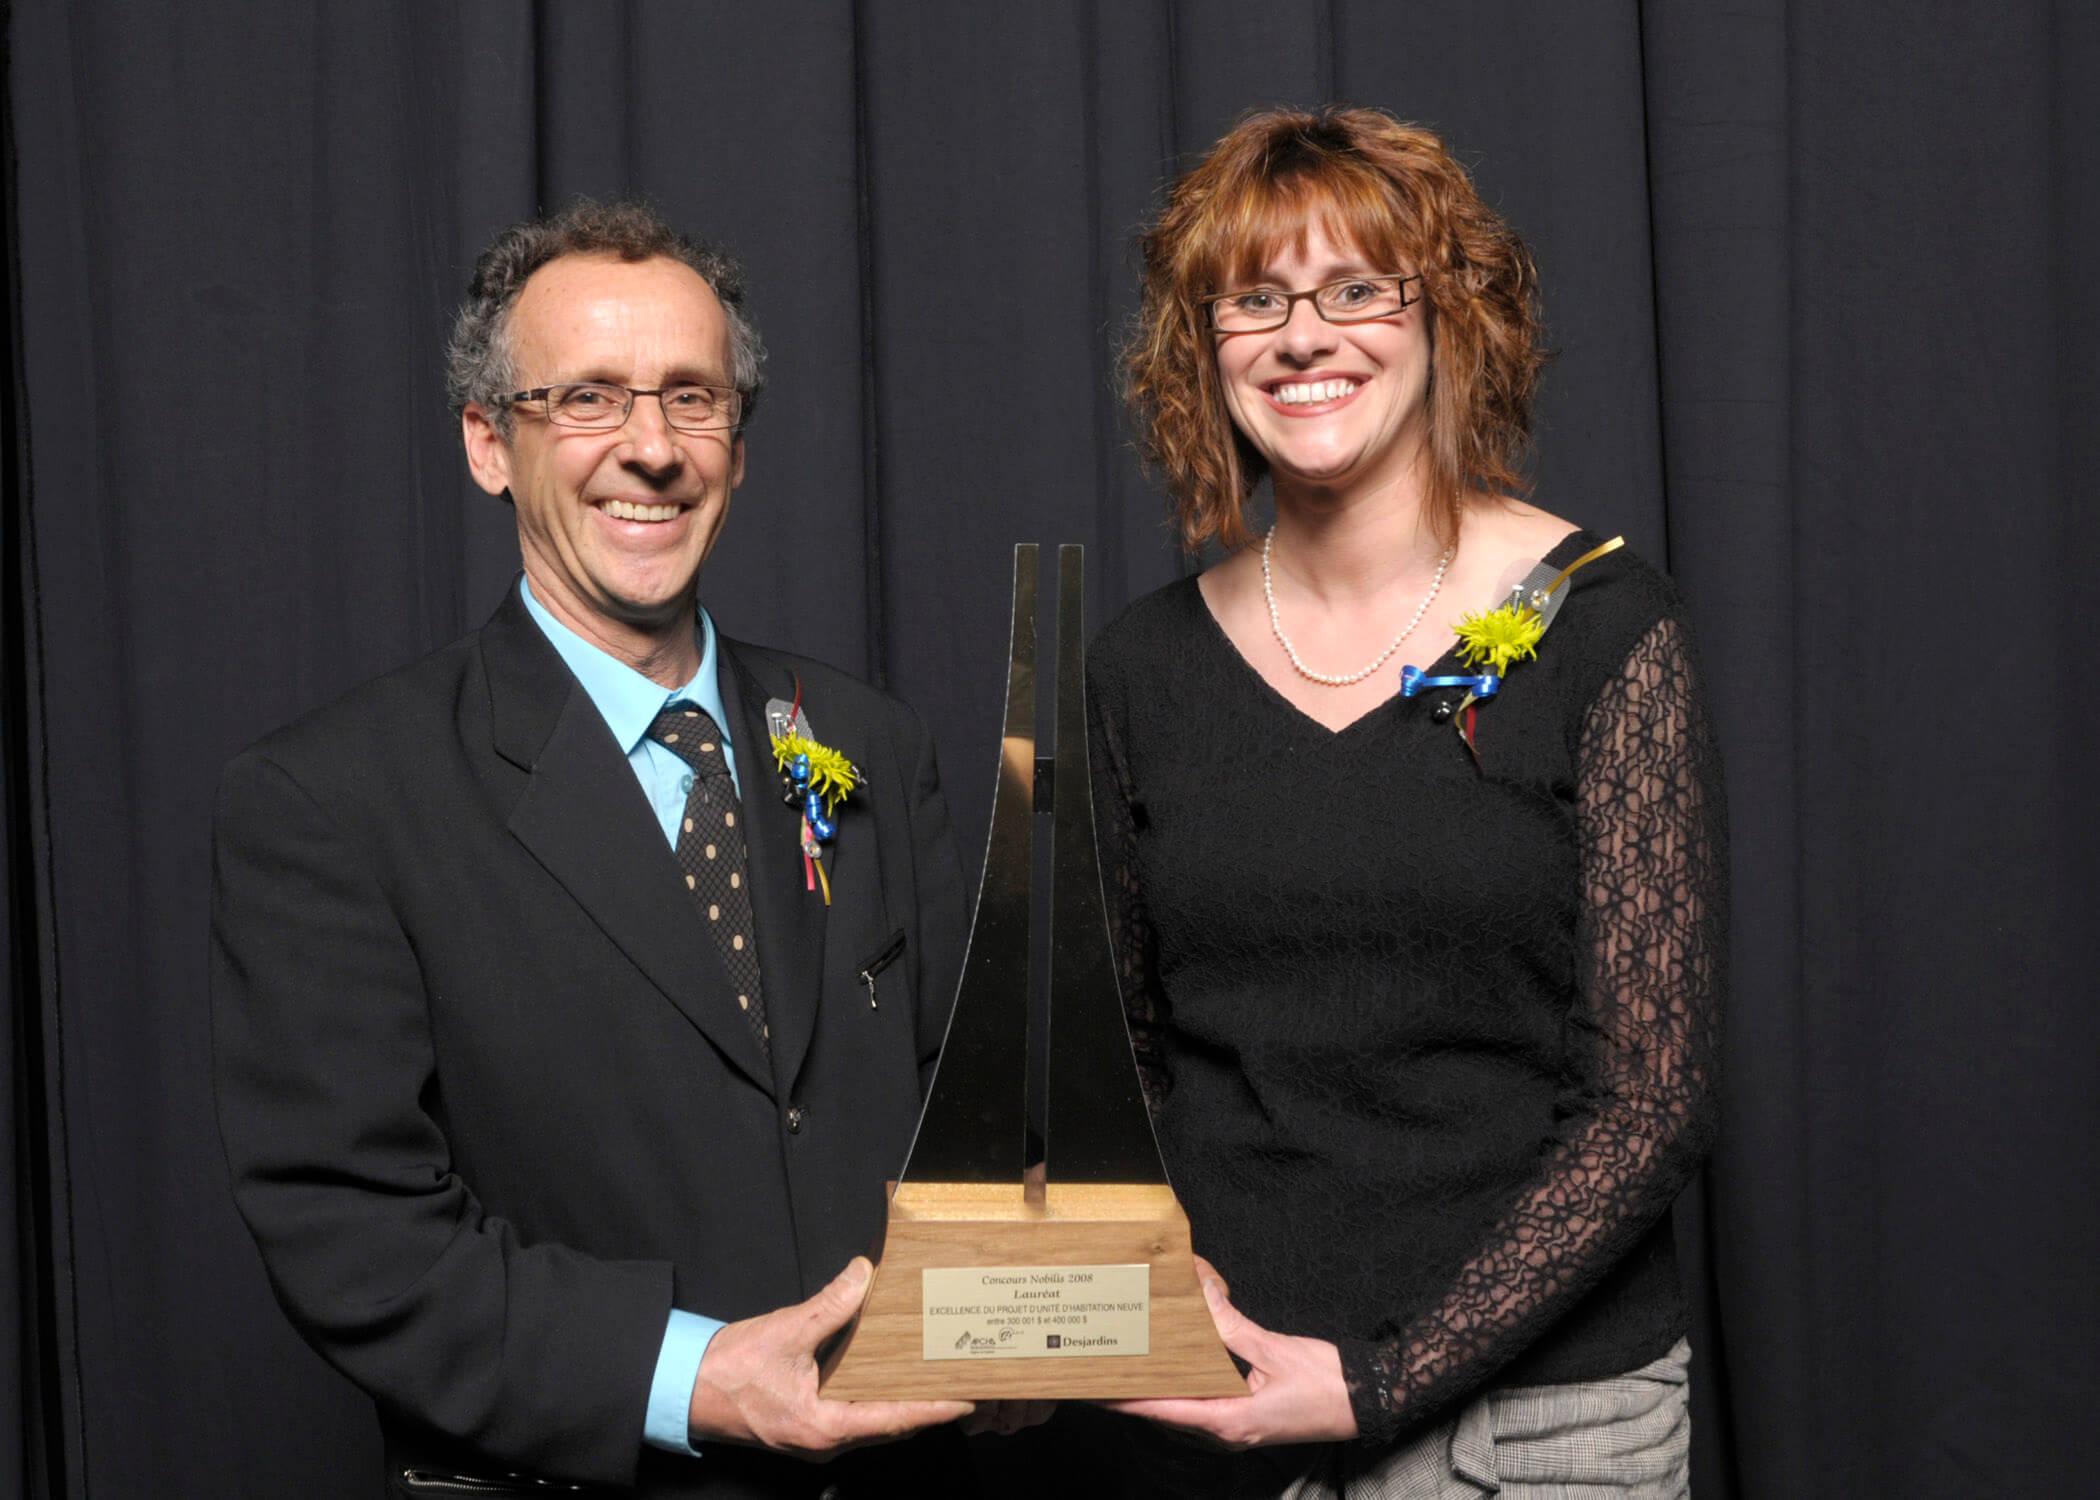 À la remise des prix Nobilis 2008, André LeBlanc propriétaire.